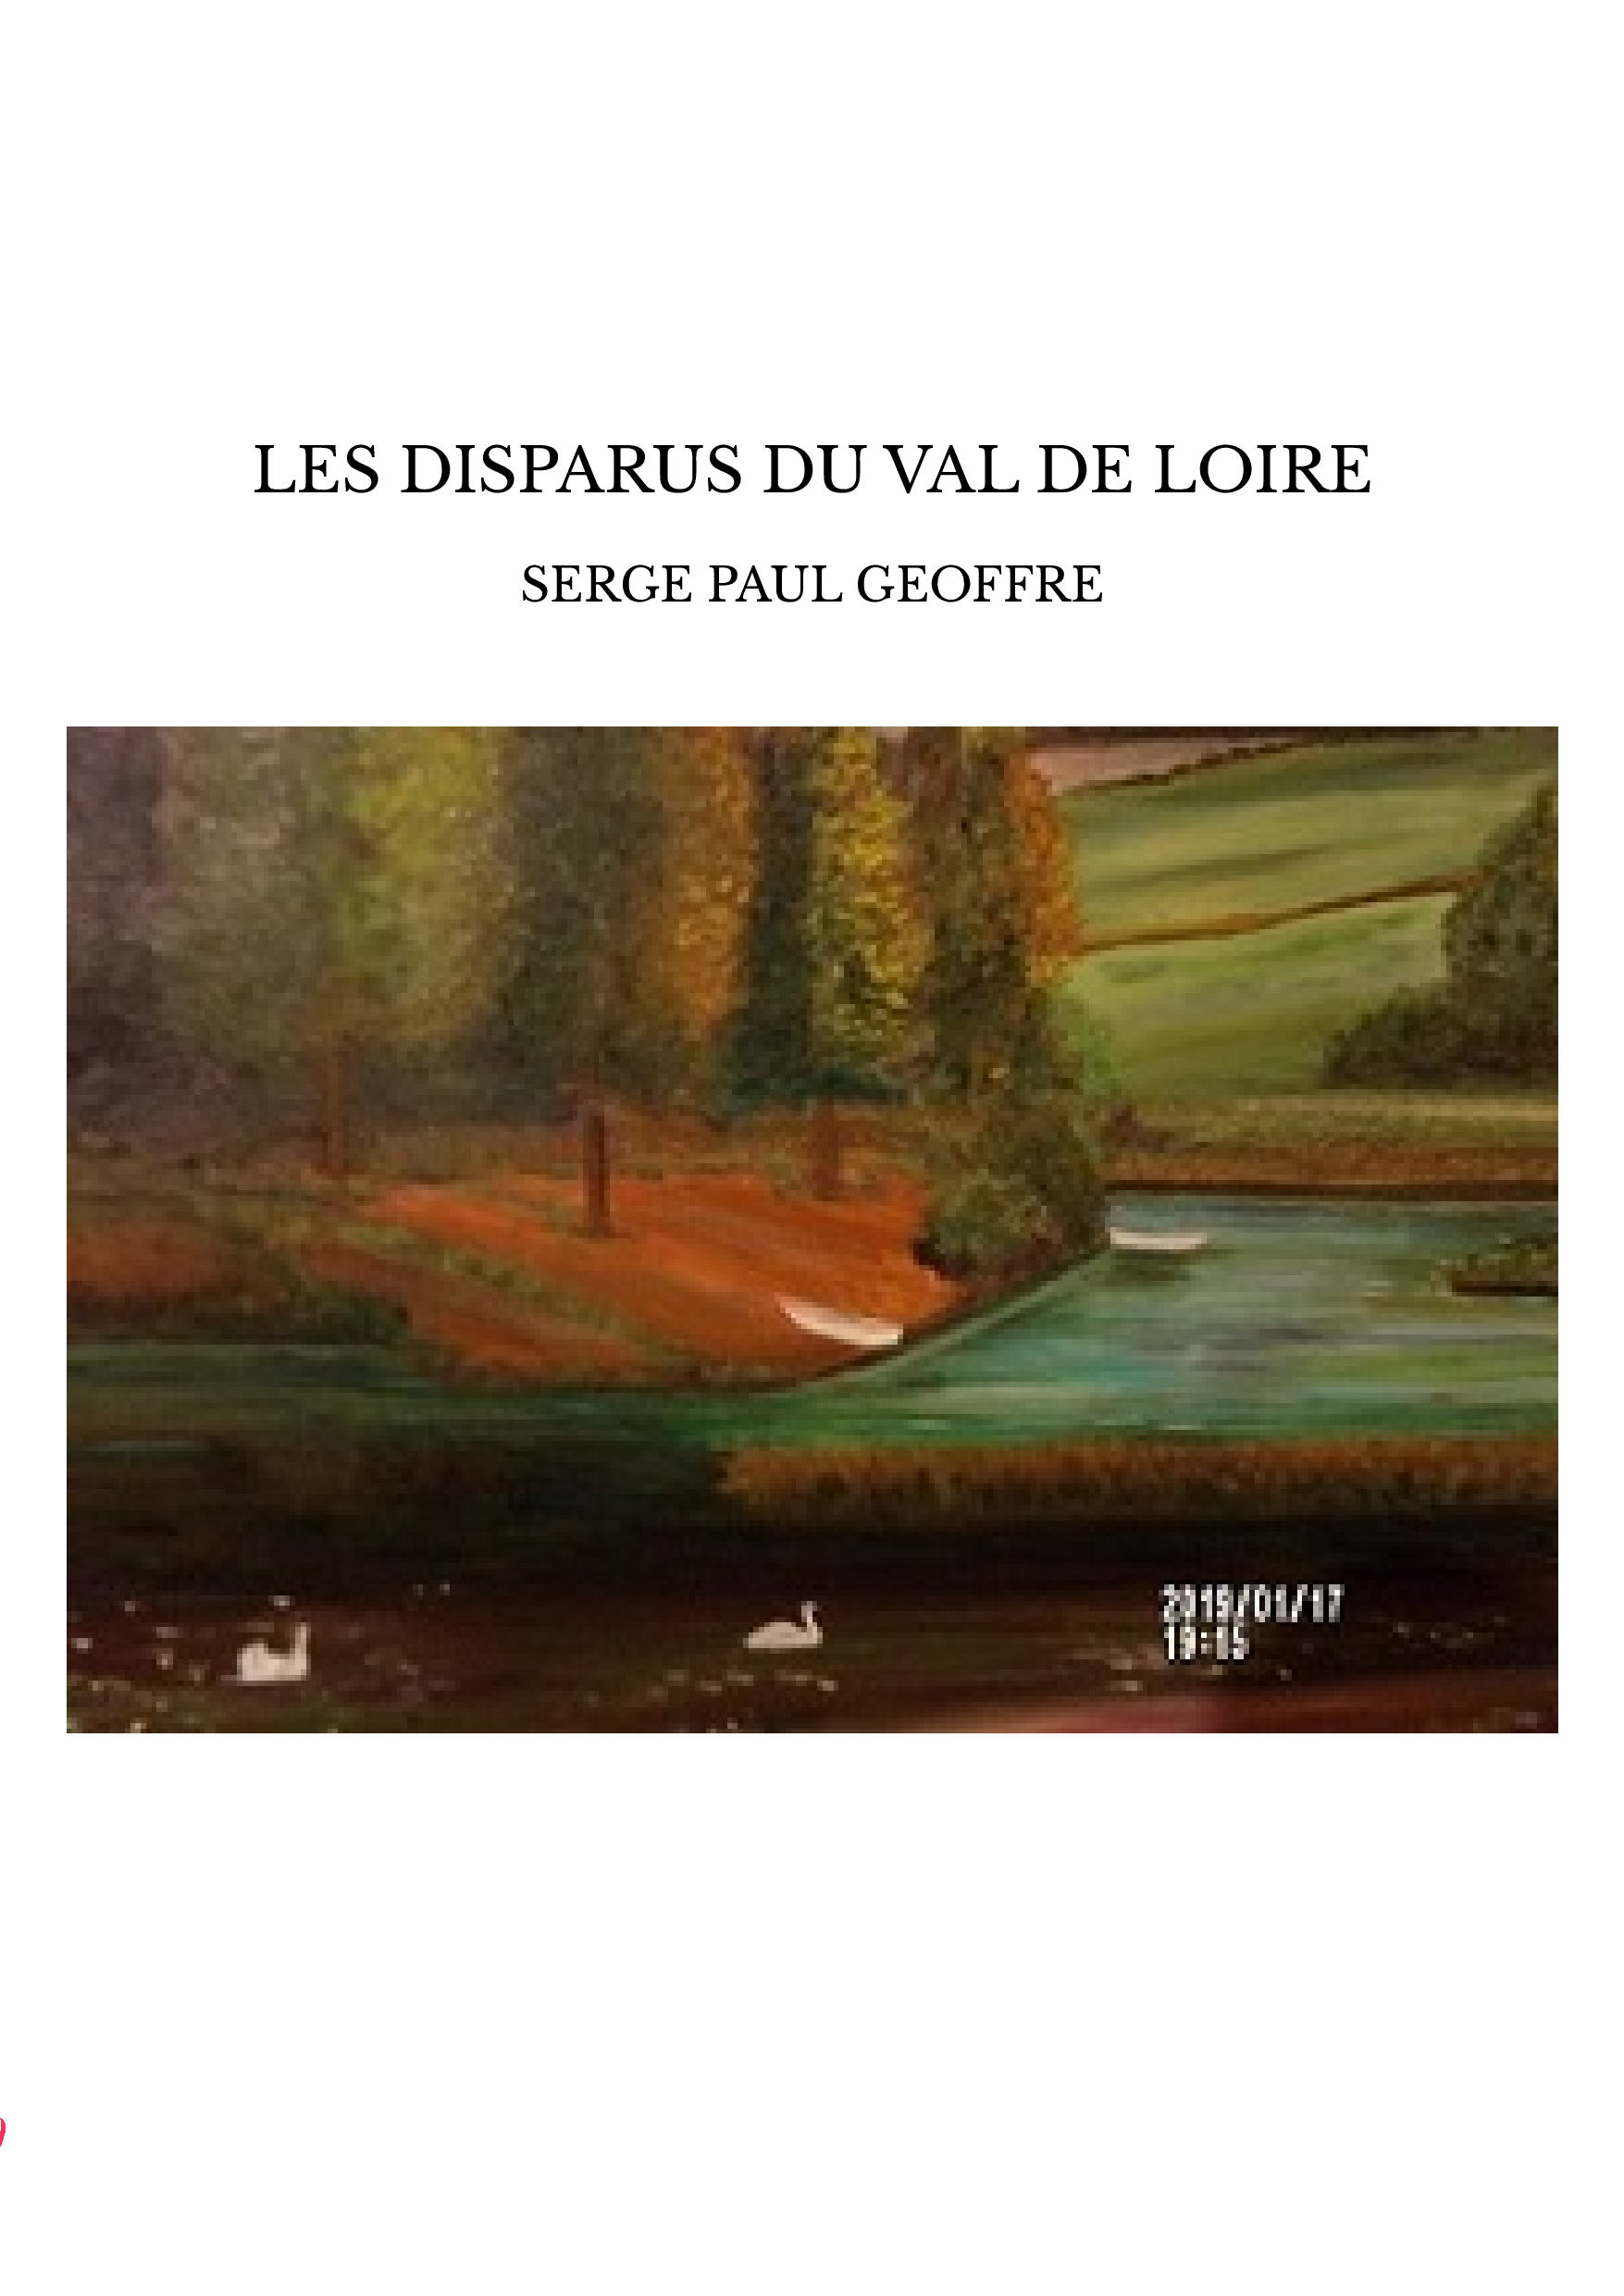 LES DISPARUS DU VAL DE LOIRE